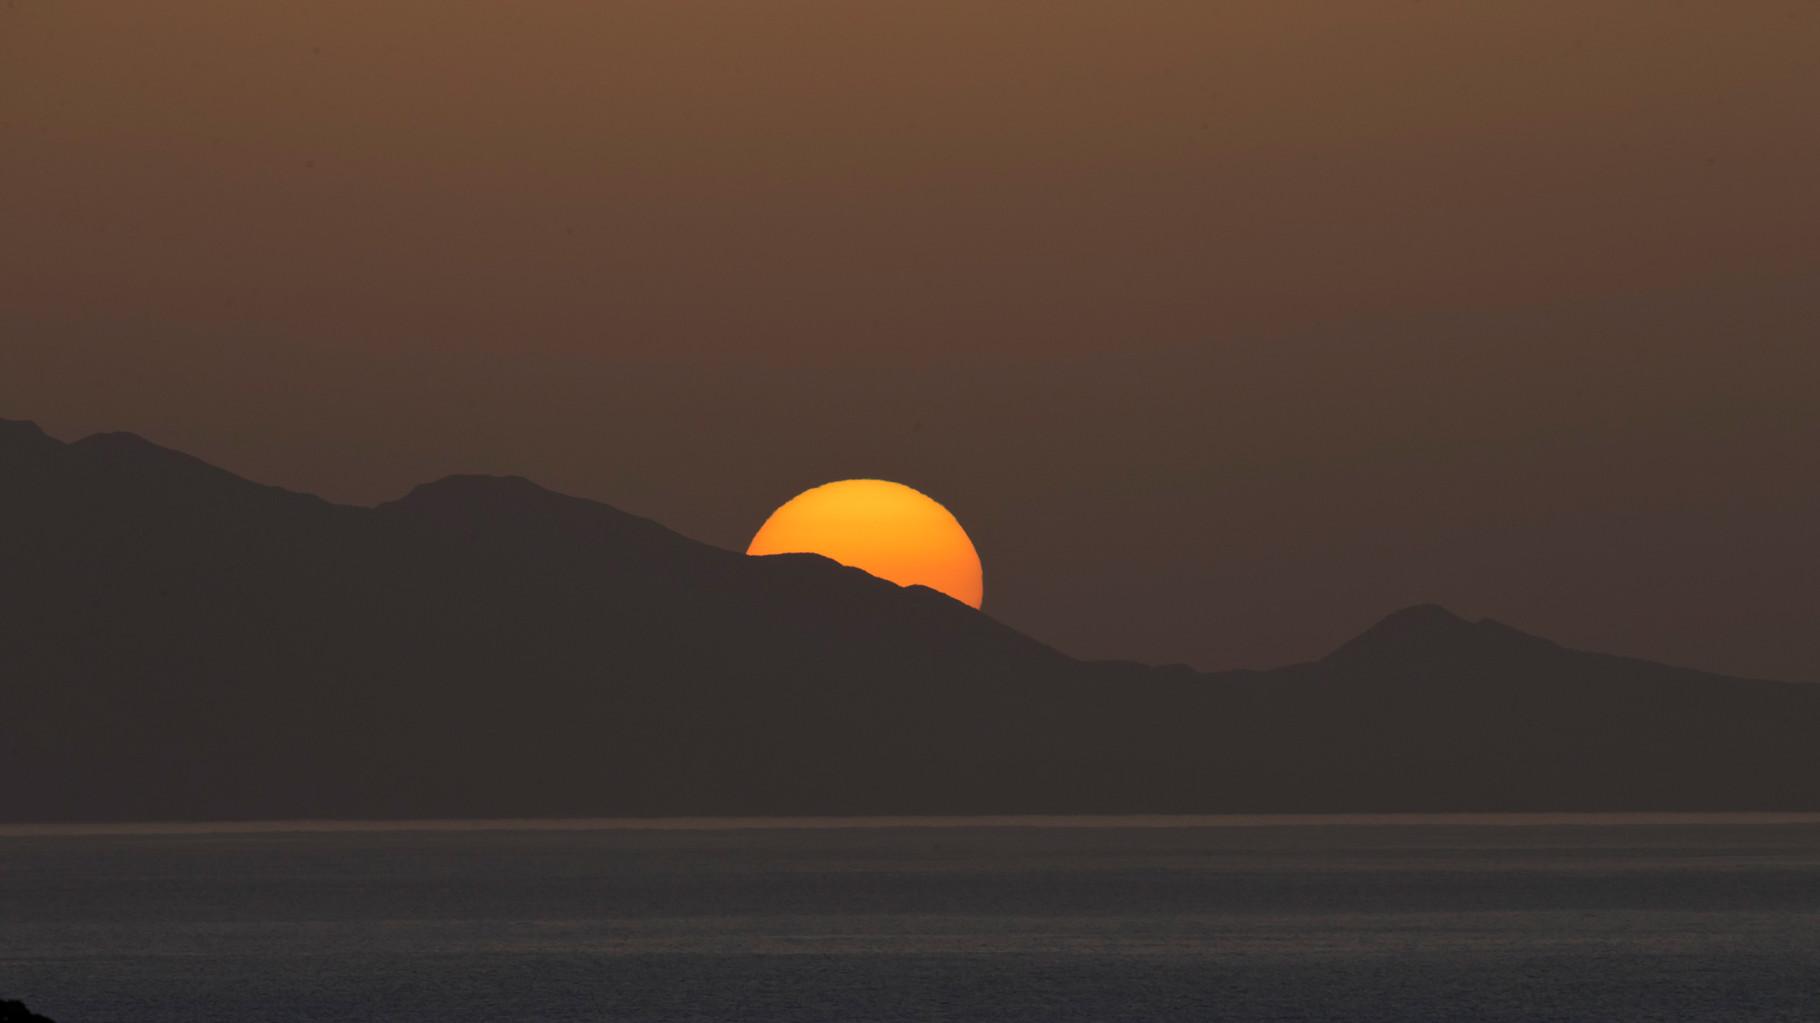 ... versinkt die Sonne langsam hinter einem Hügelzug am Meer.